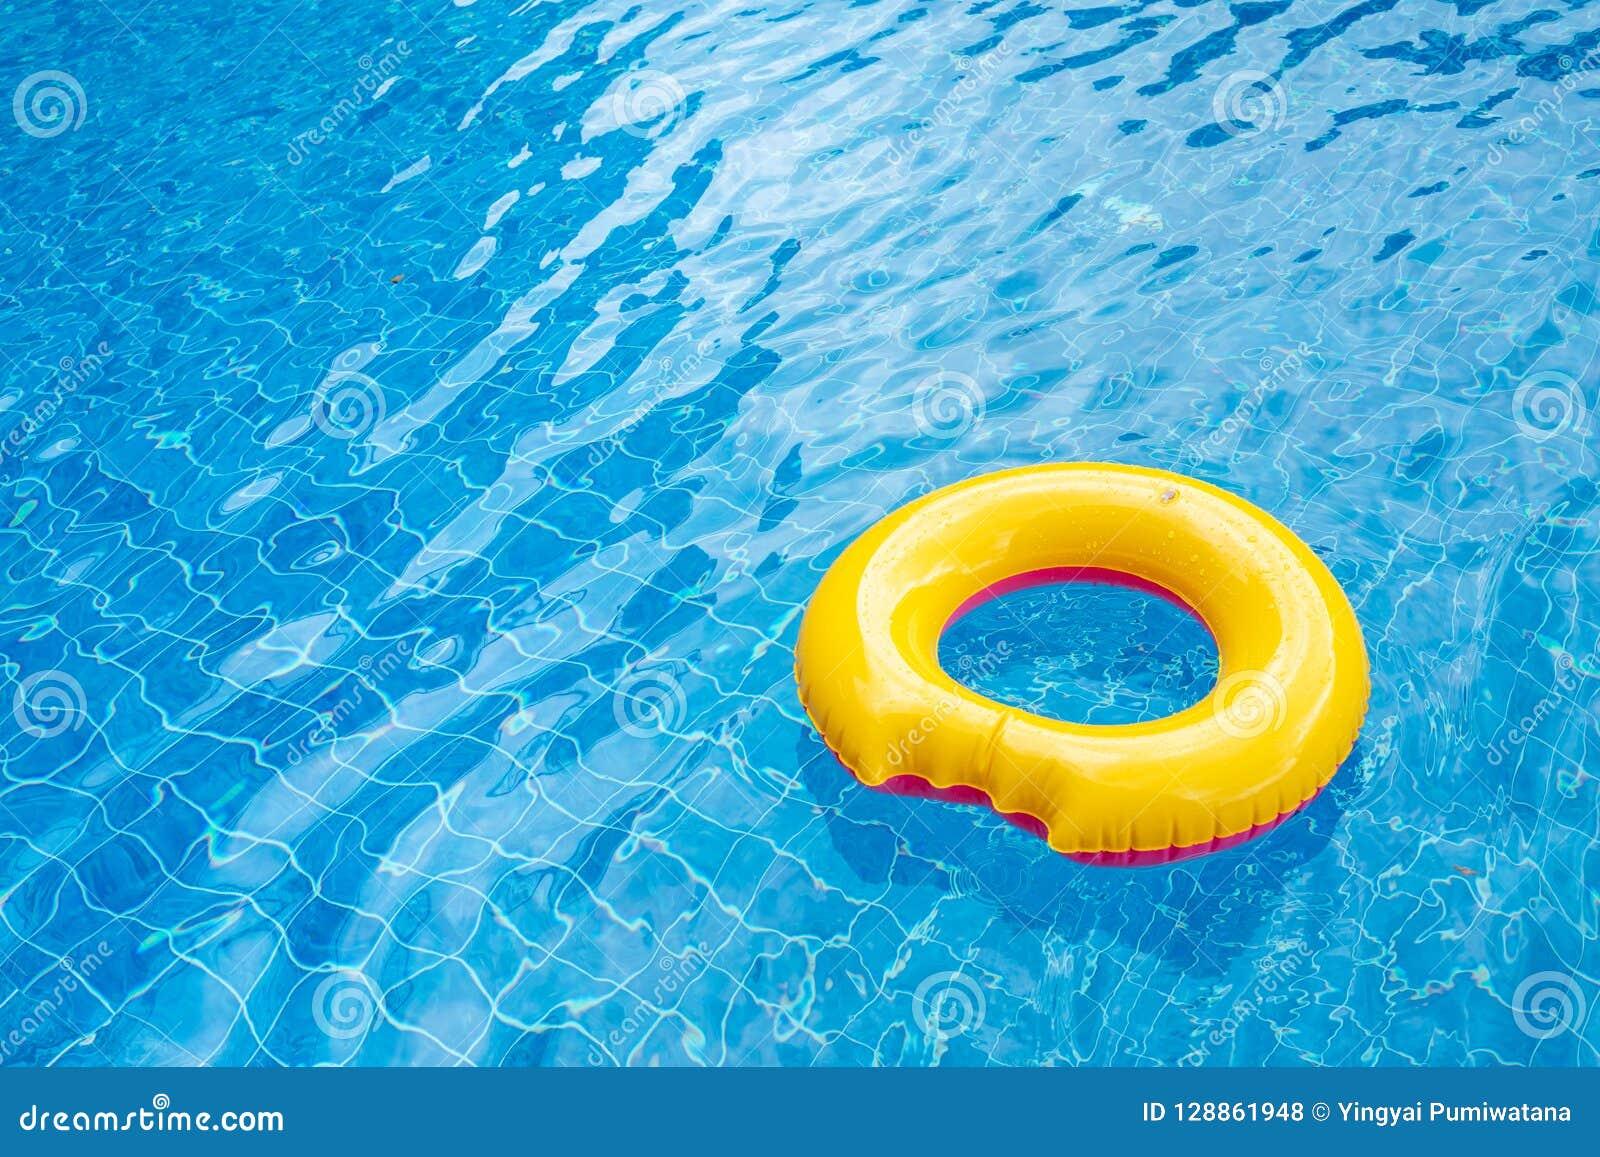 Zonnige dag bij de pool Heldere gele vlotter in blauw zwembad,